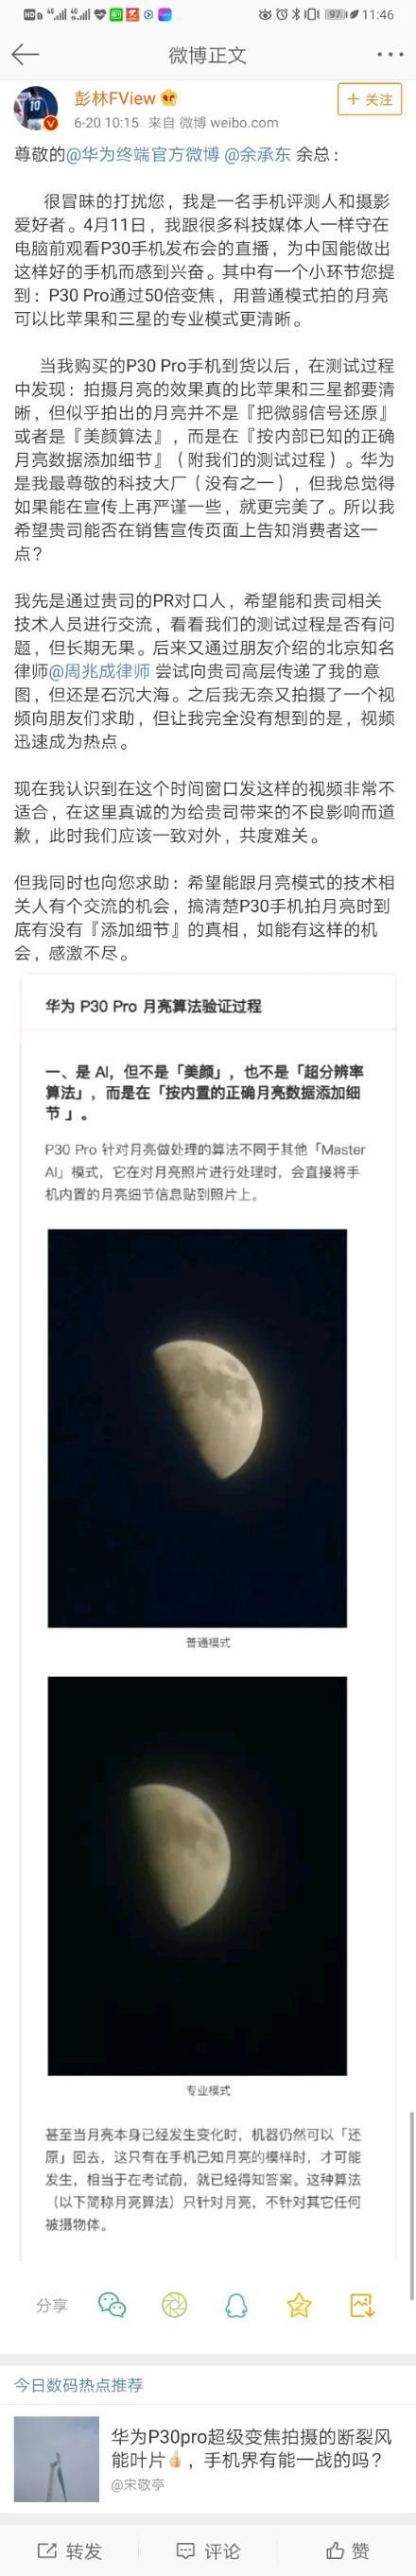 彭林向华为道歉?再发文要和华为探讨月亮事件